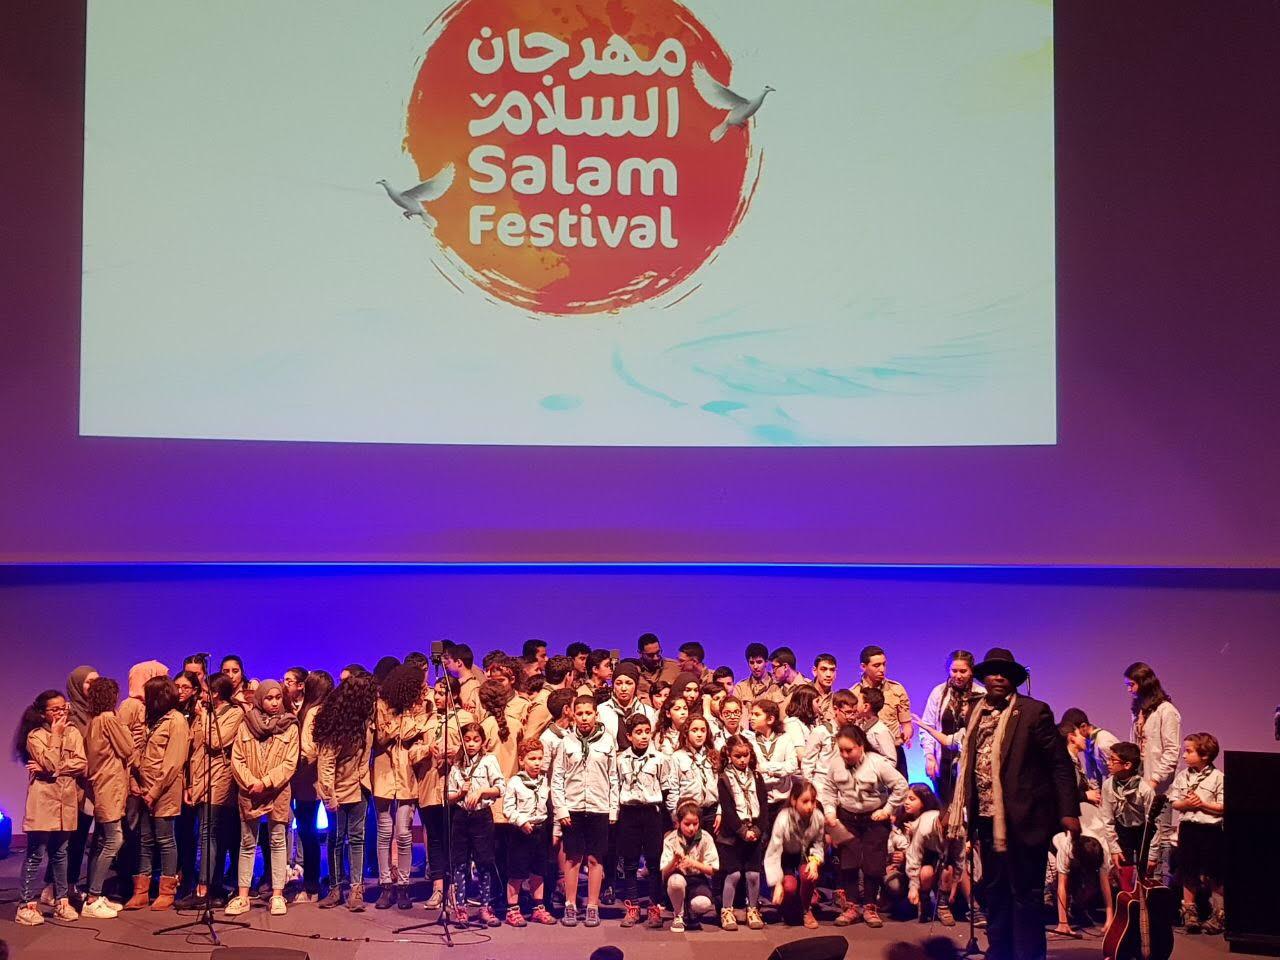 مهرجان السلام ببروكسيل ينظم مسابقة فيديو لمغاربة العالم